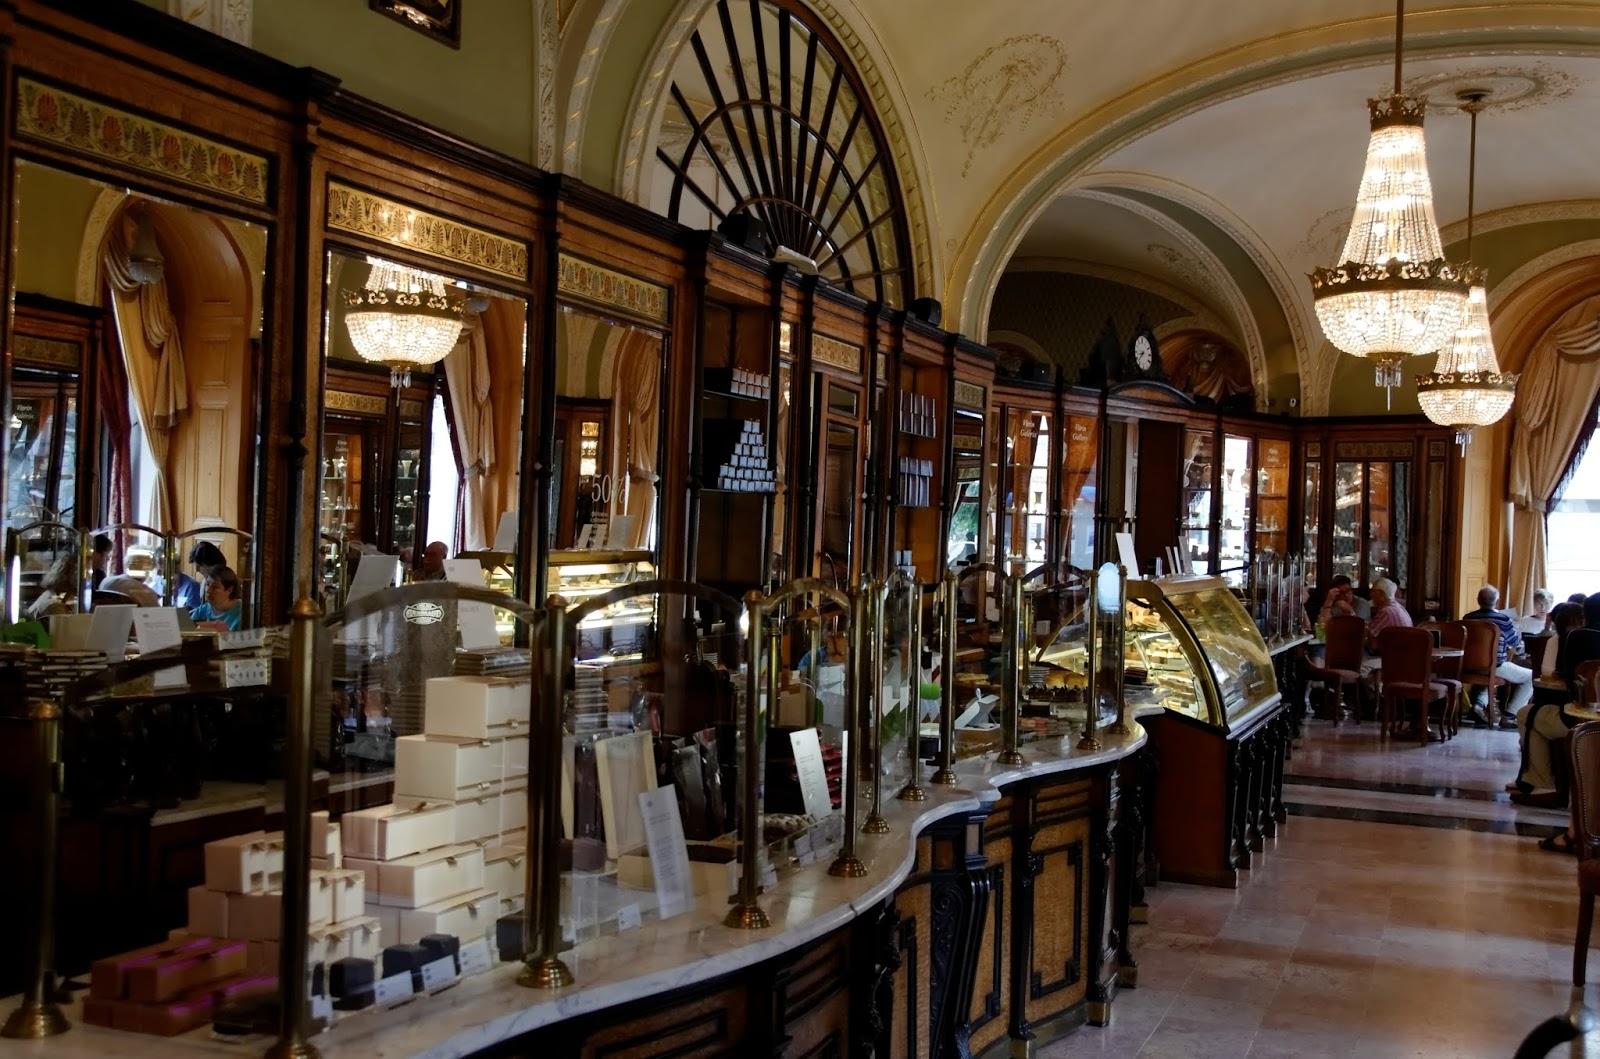 Café_Gerbeaud_Budapest.jpg